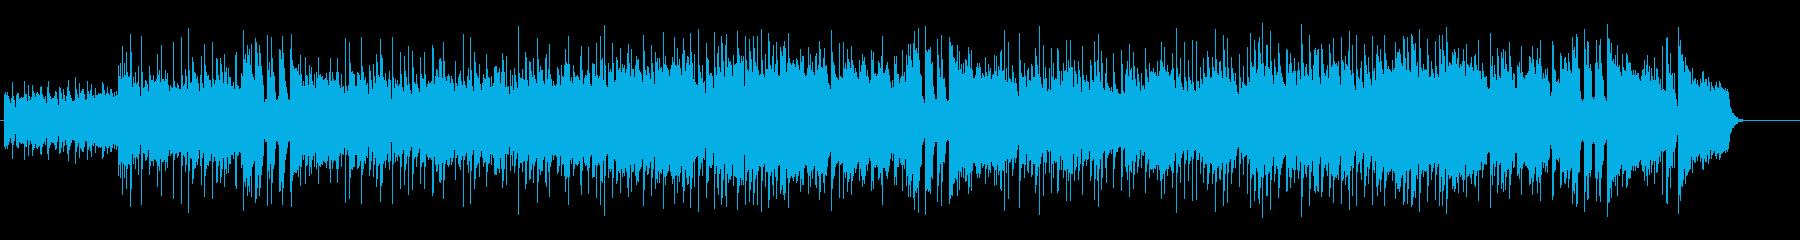 おだやかさに満ち溢れたボサノヴァの再生済みの波形